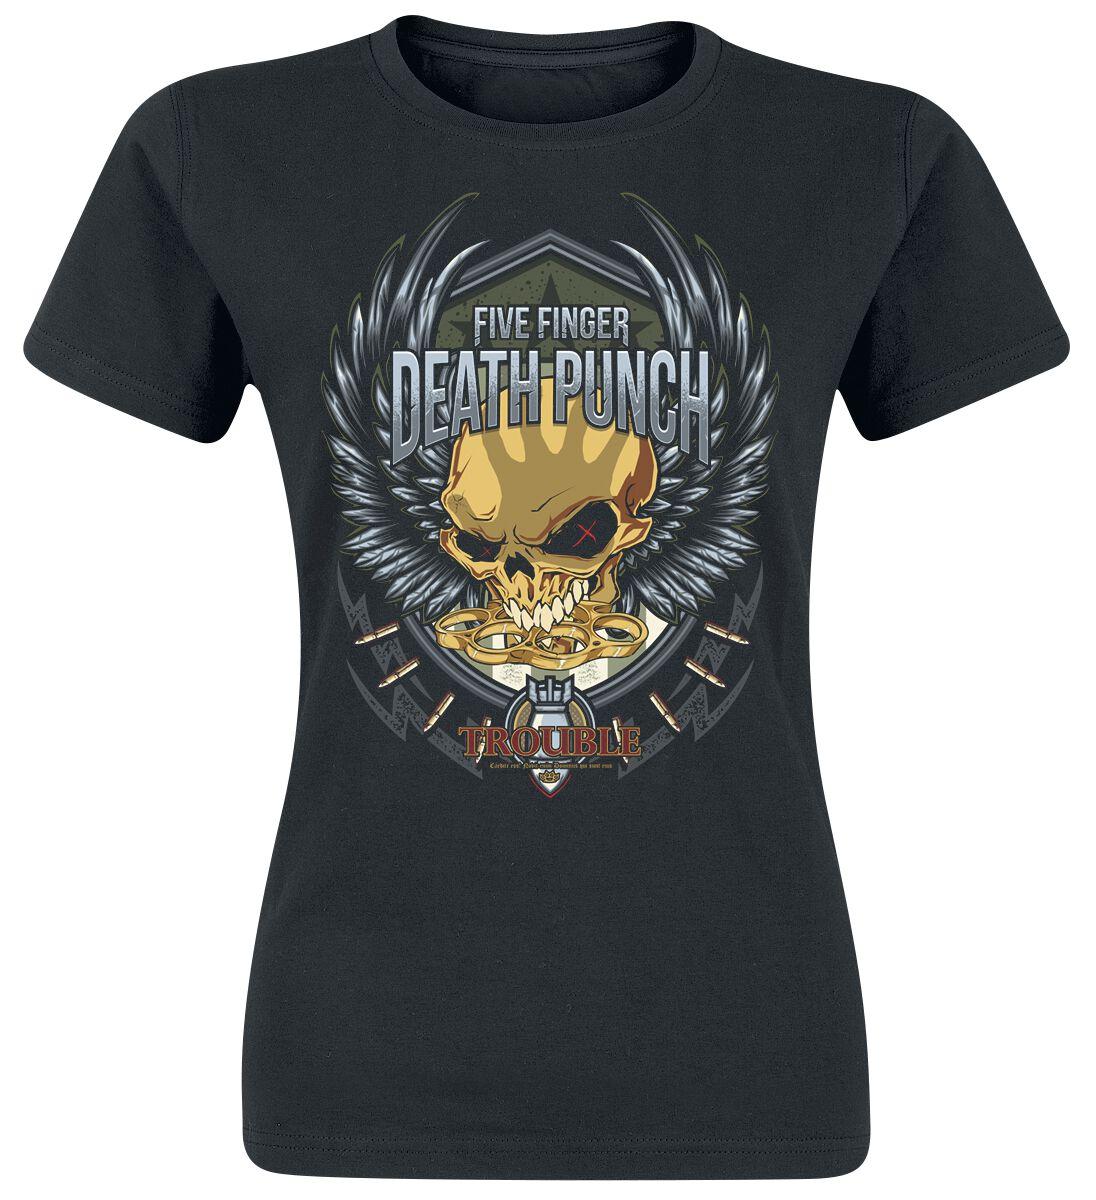 Image of   Five Finger Death Punch Trouble Girlie trøje sort